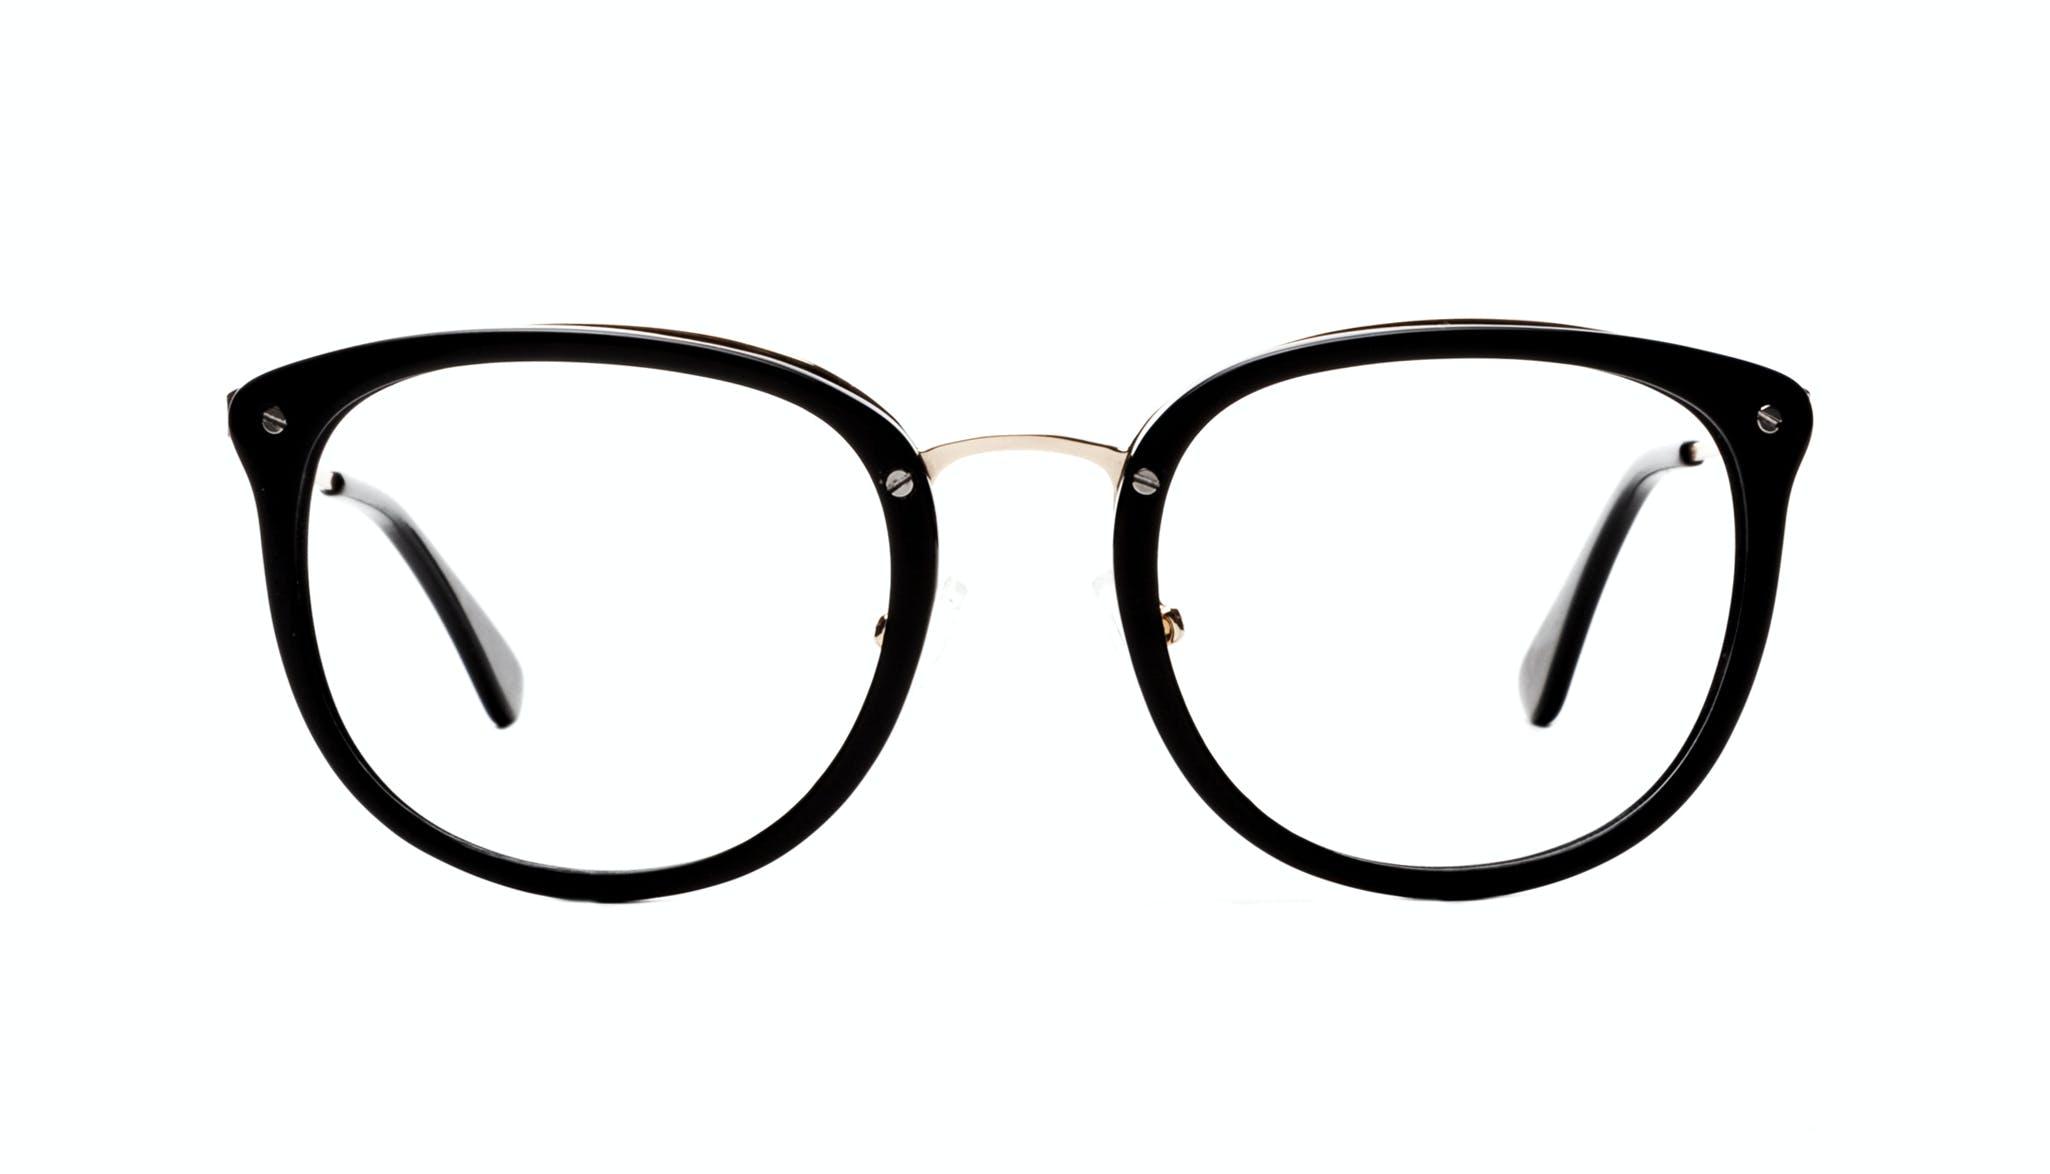 Affordable Fashion Glasses Square Round Eyeglasses Women Amaze Onyx Front